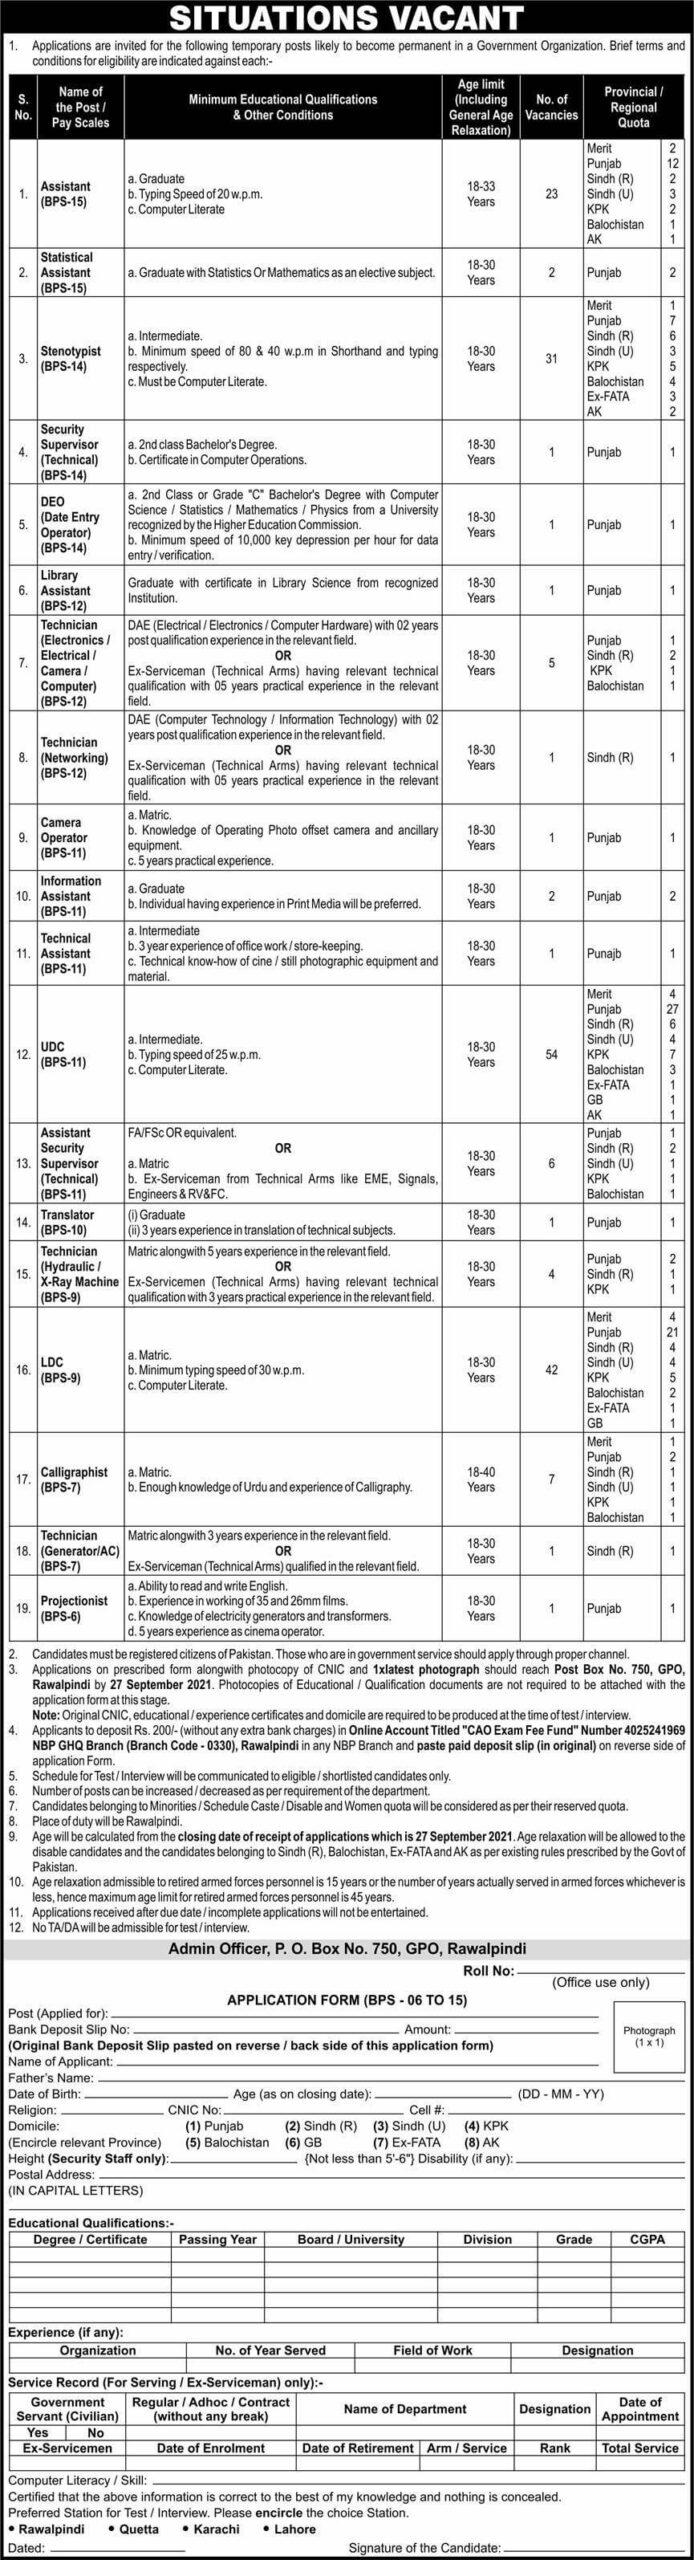 New Govt Jobs in Pakistan 2021 At PO Box No 750 GPO Rawalpindi